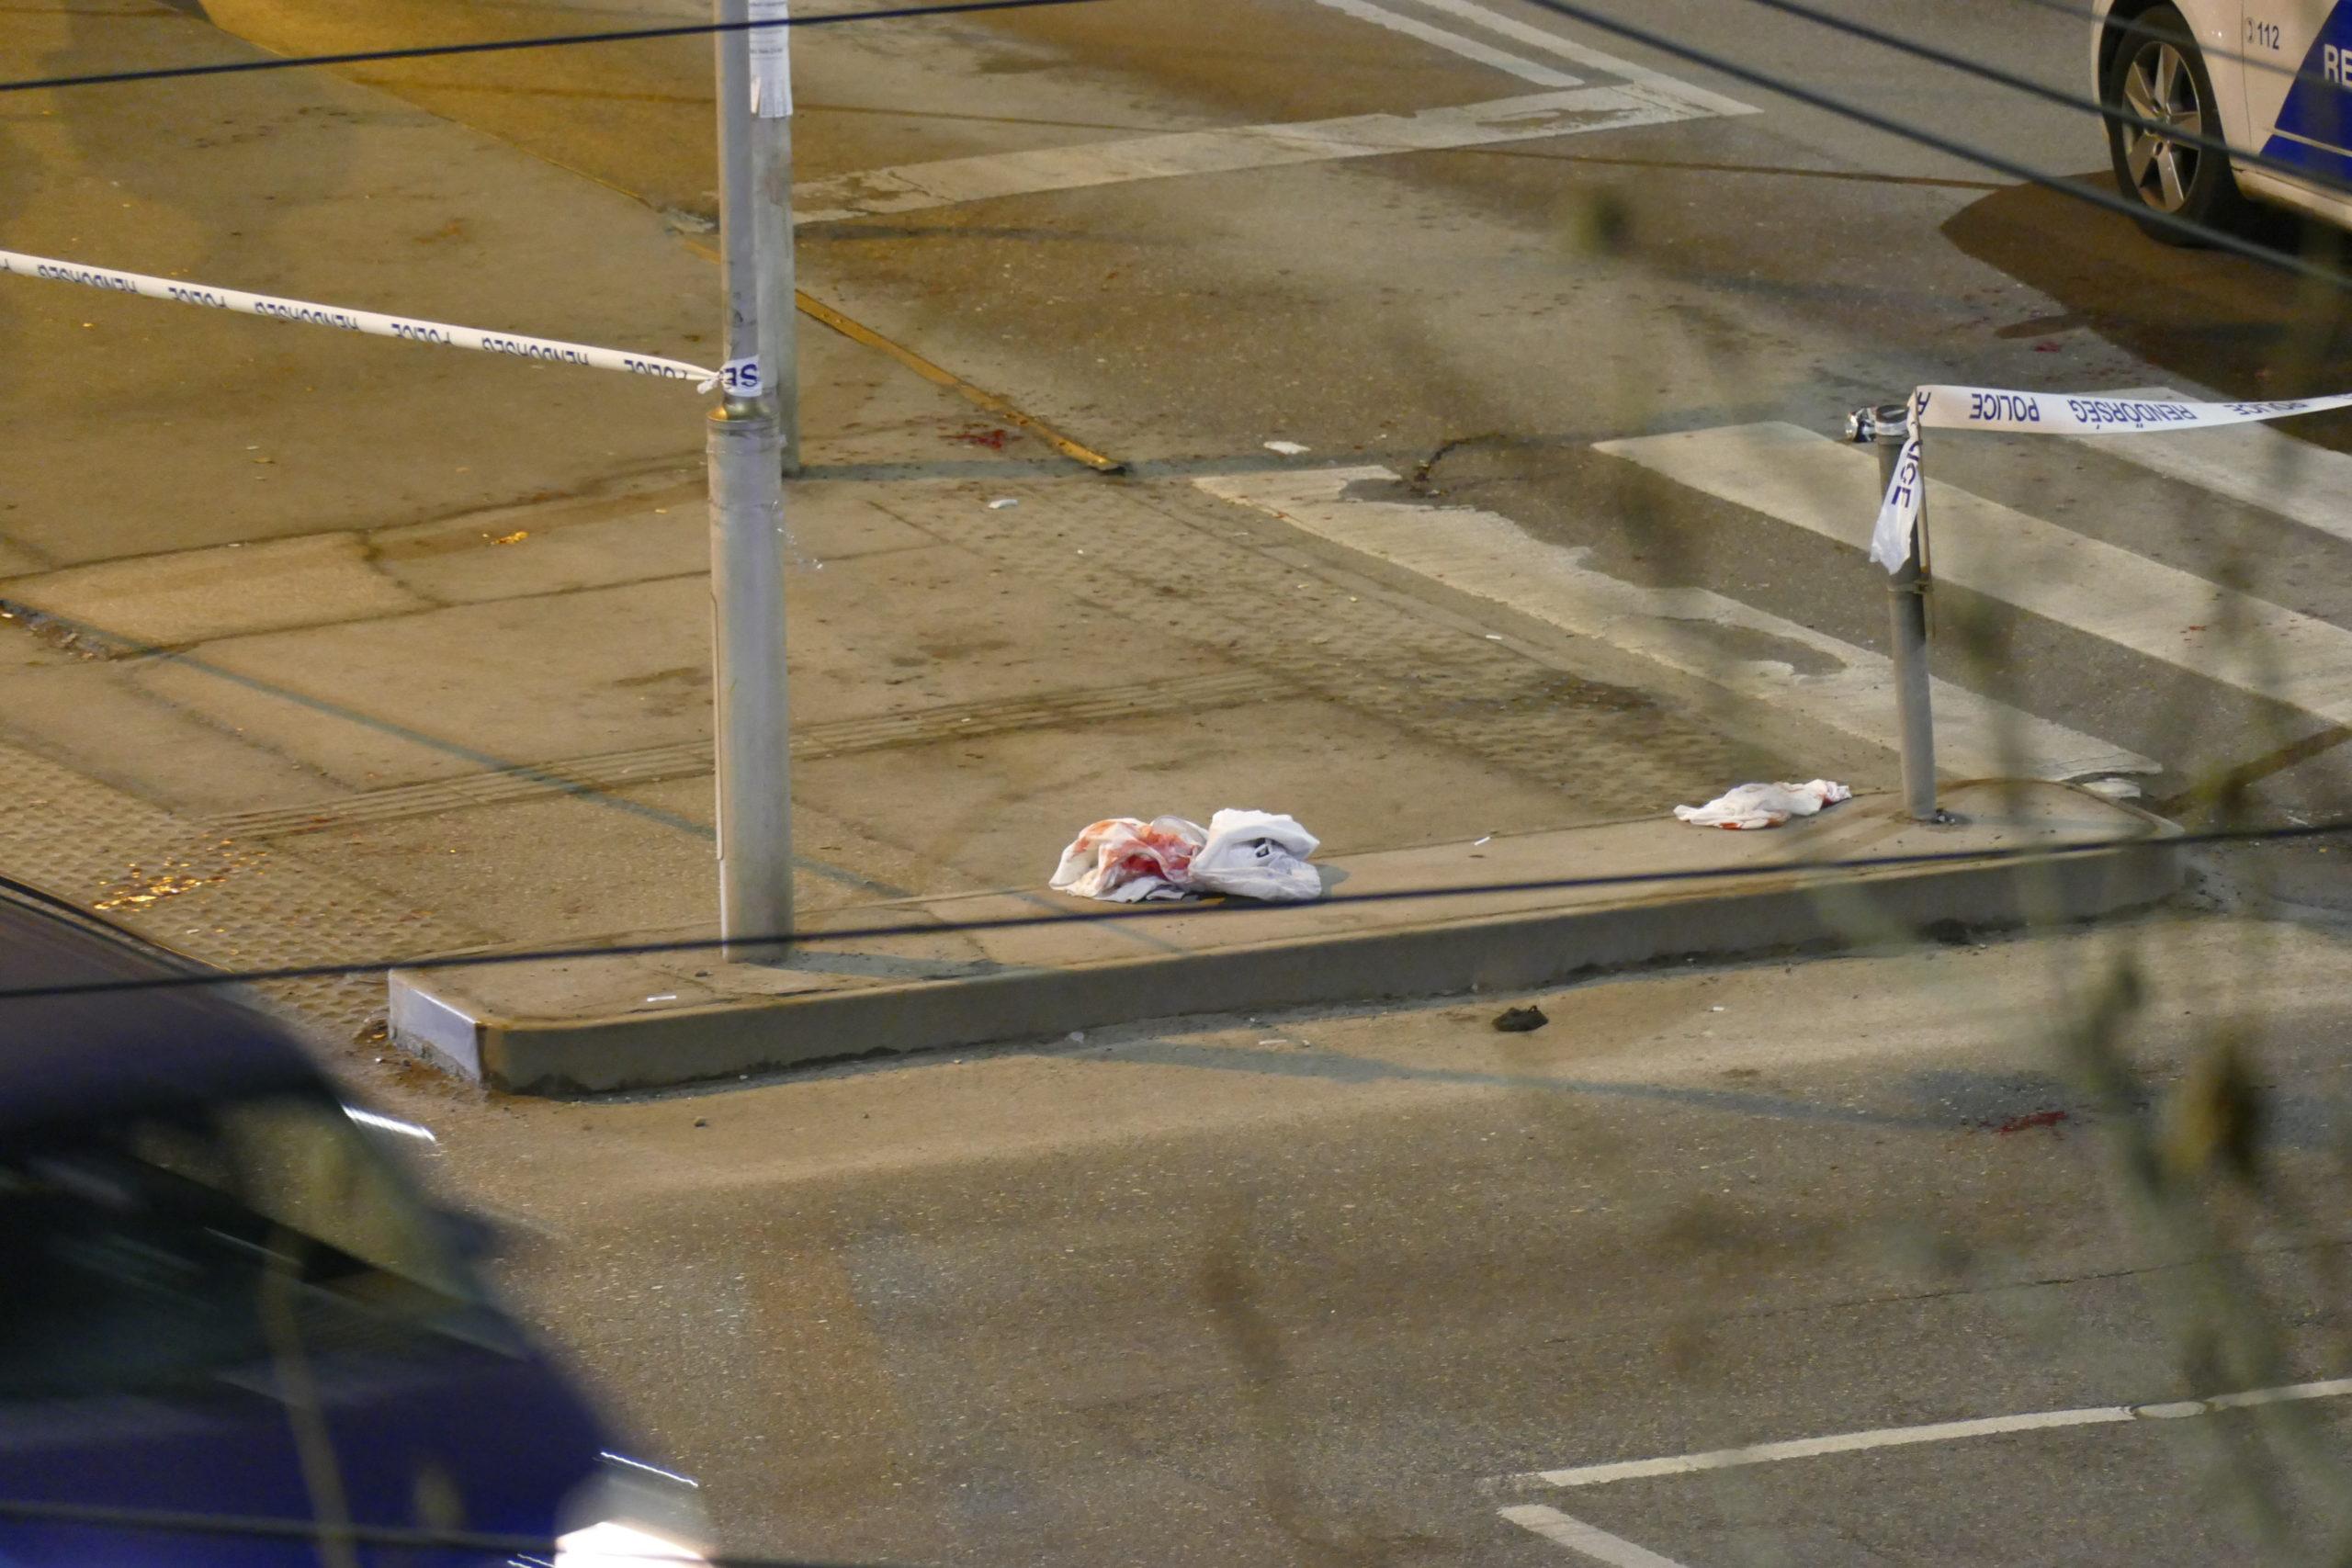 A véres ruhadarab jóval a budapesti buszos késelés után is ott hevert az utcán.